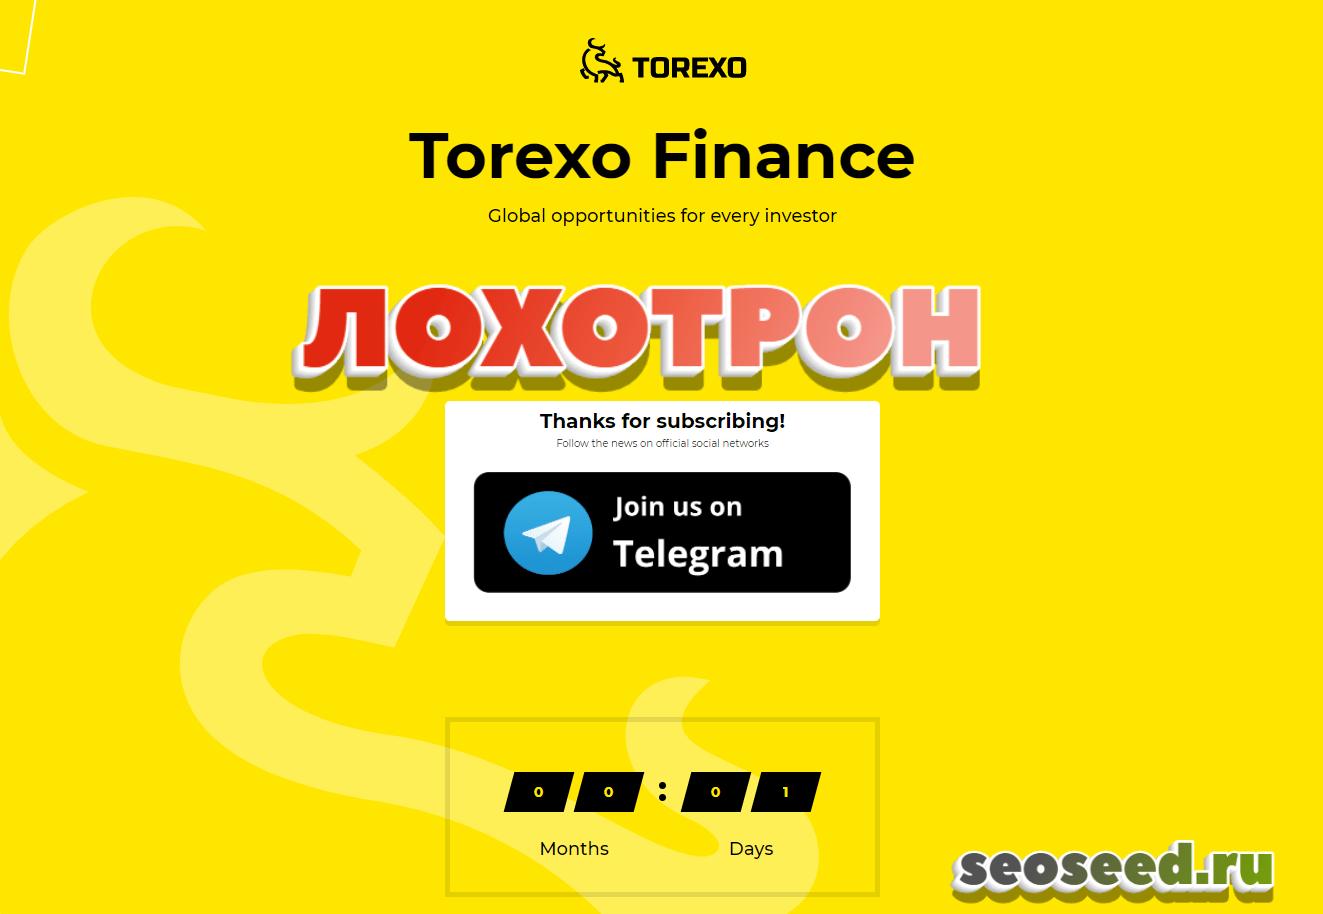 Torexo - инвестиционная компания